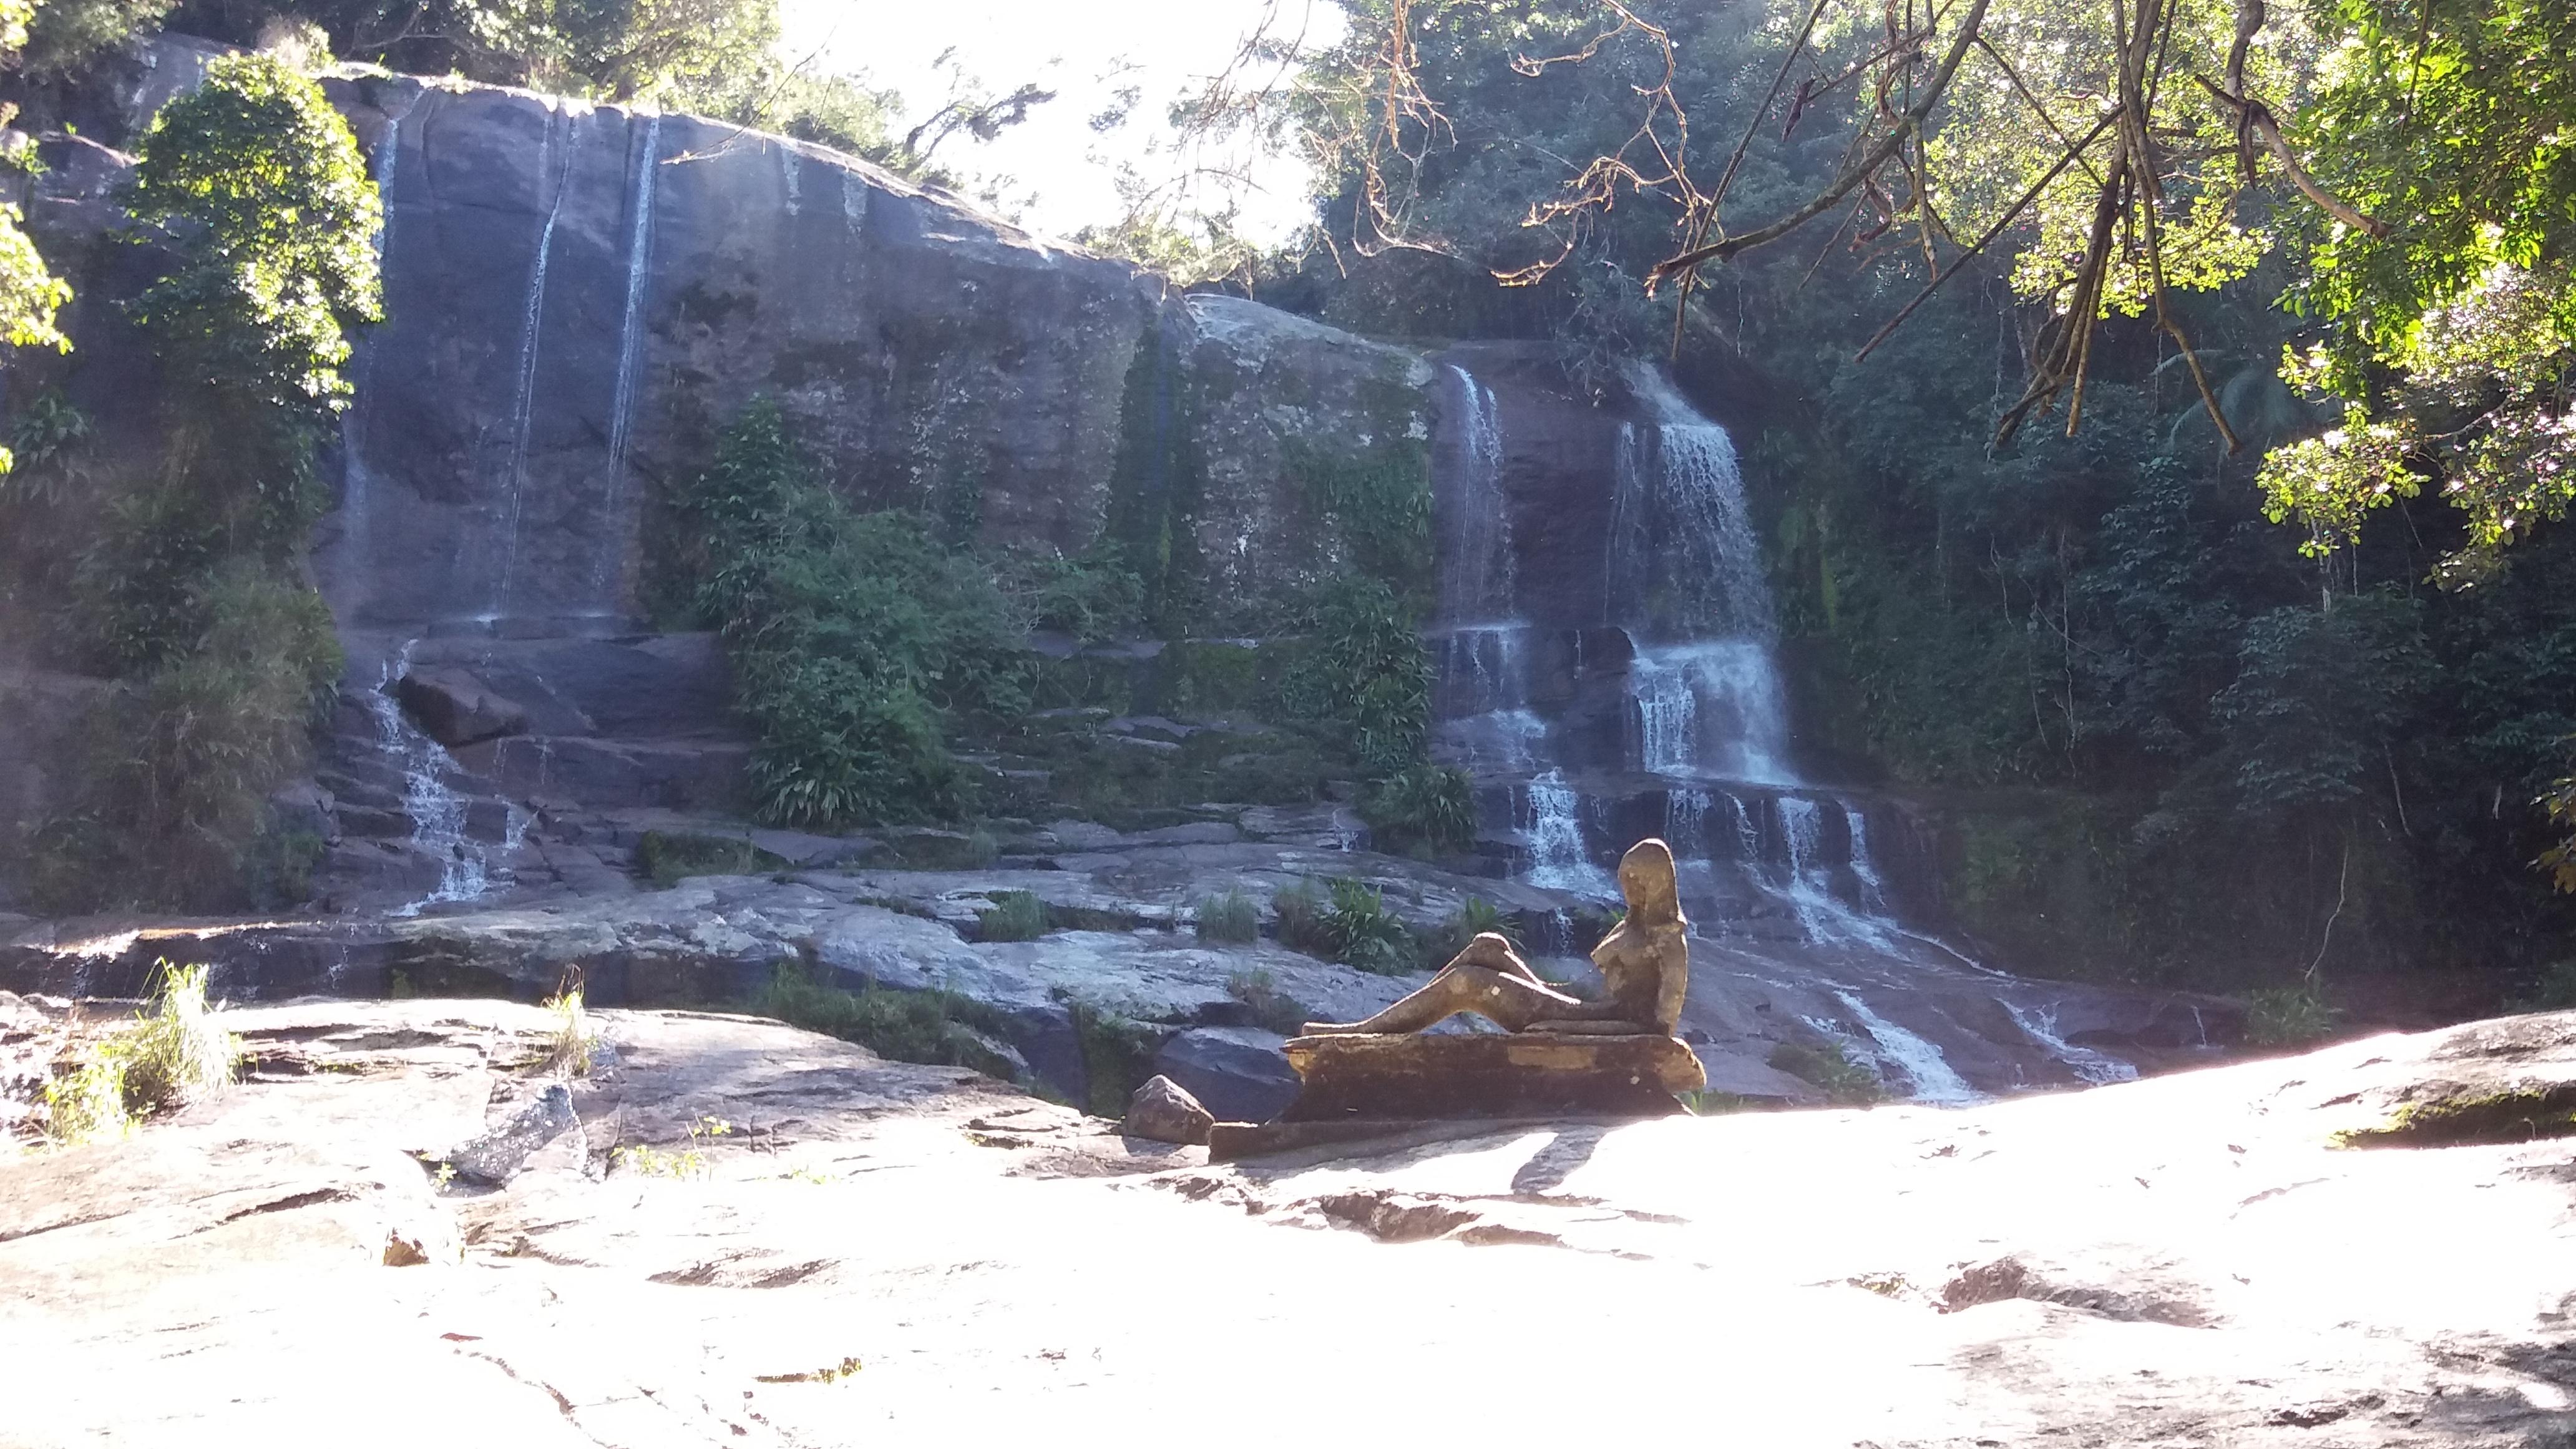 Cachoeira da Escada